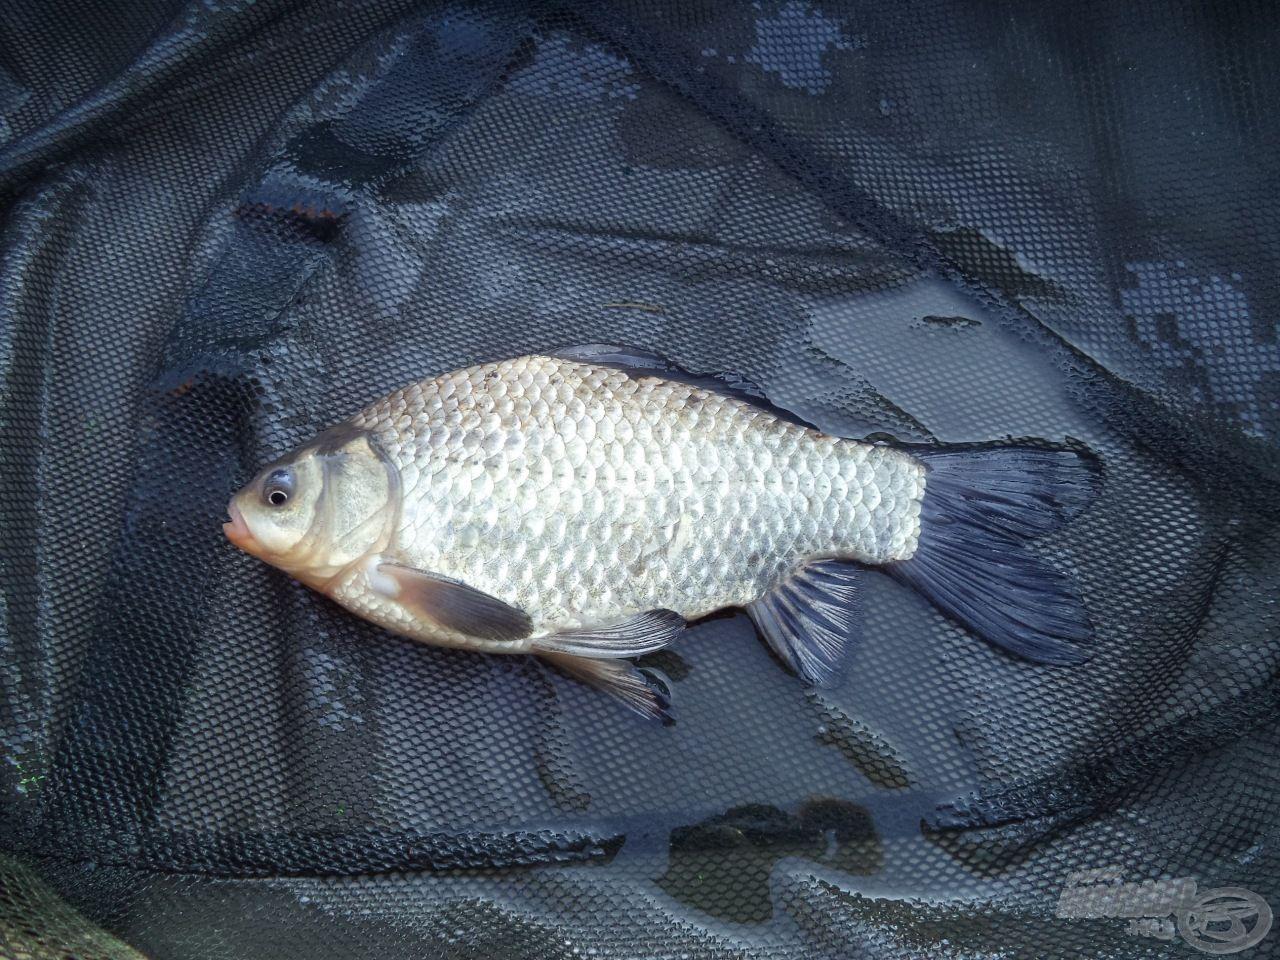 Az első nap utolsó és egyben legkisebb hala